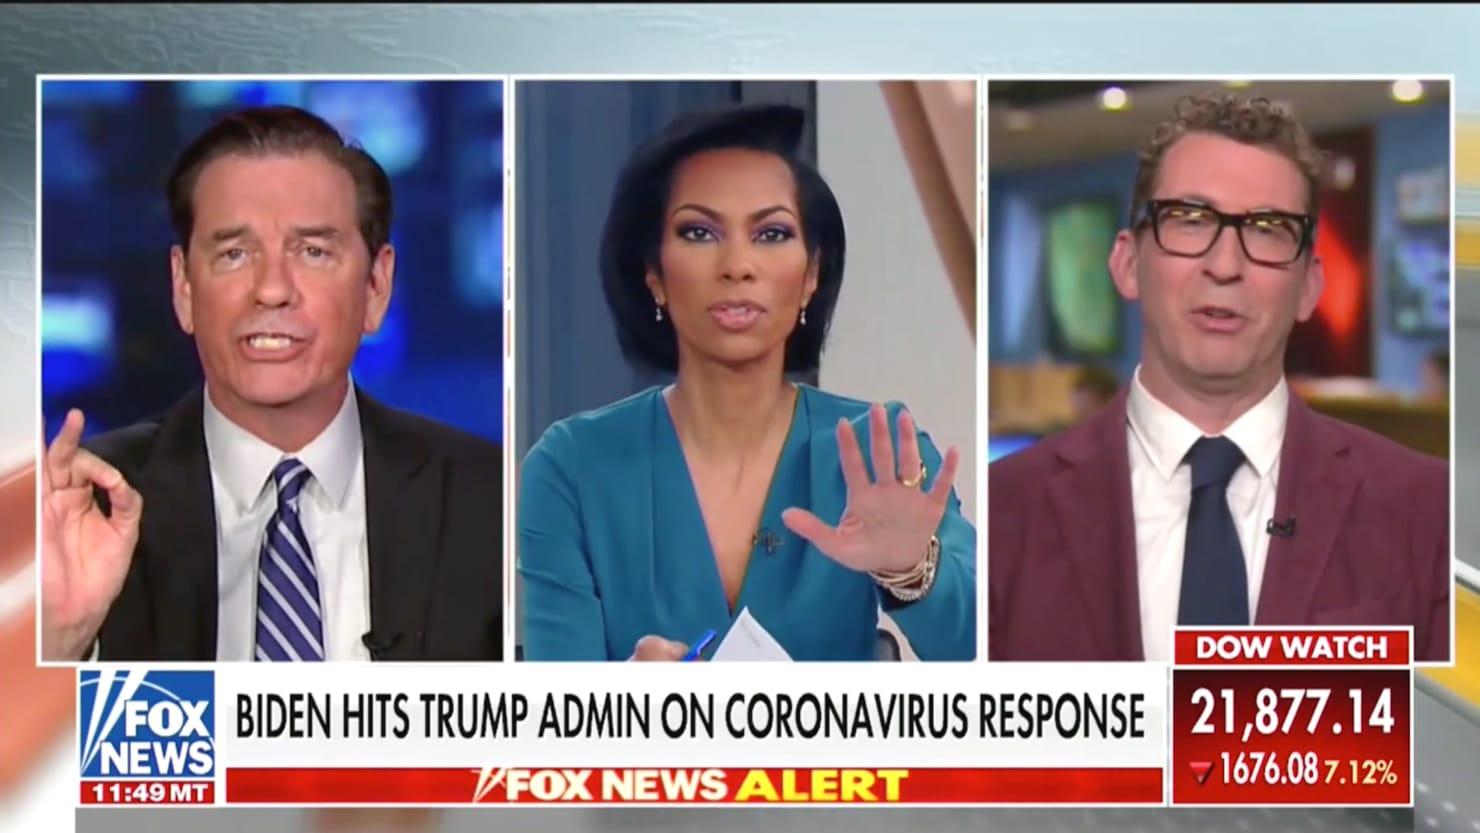 Fox News Cuts Away From Trumps Press Secretary, Says It